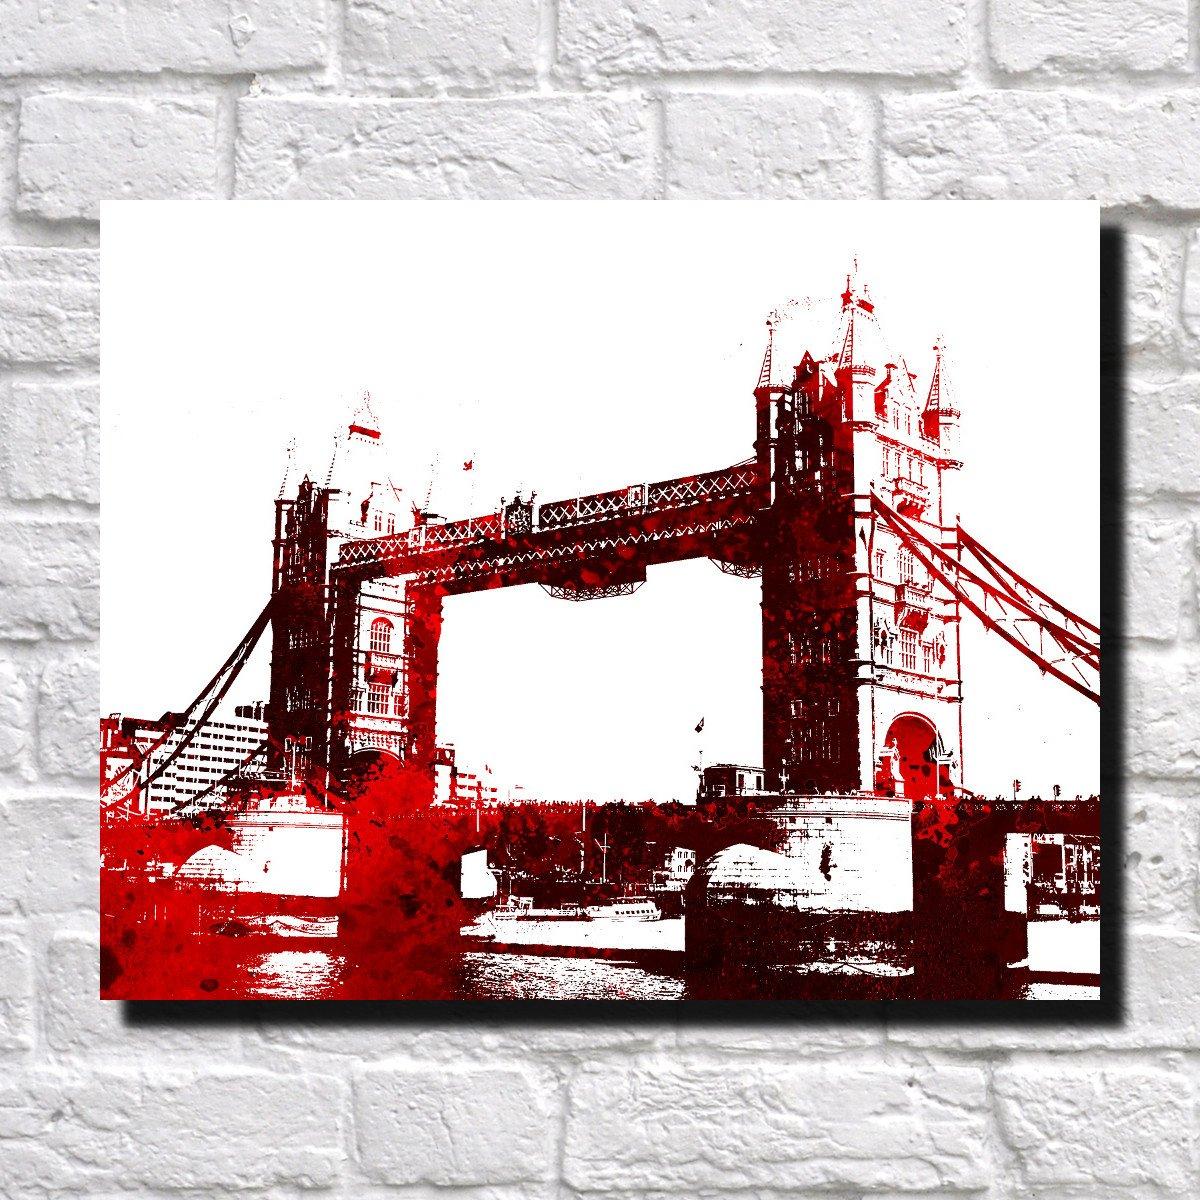 Tower Bridge London City Skyline Print Landscape Poster Feature Wall Art Best Service #wallart #towerbridge #londonbridge https://t.co/Z2Gvjlihaw https://t.co/Ckfi2b0yev